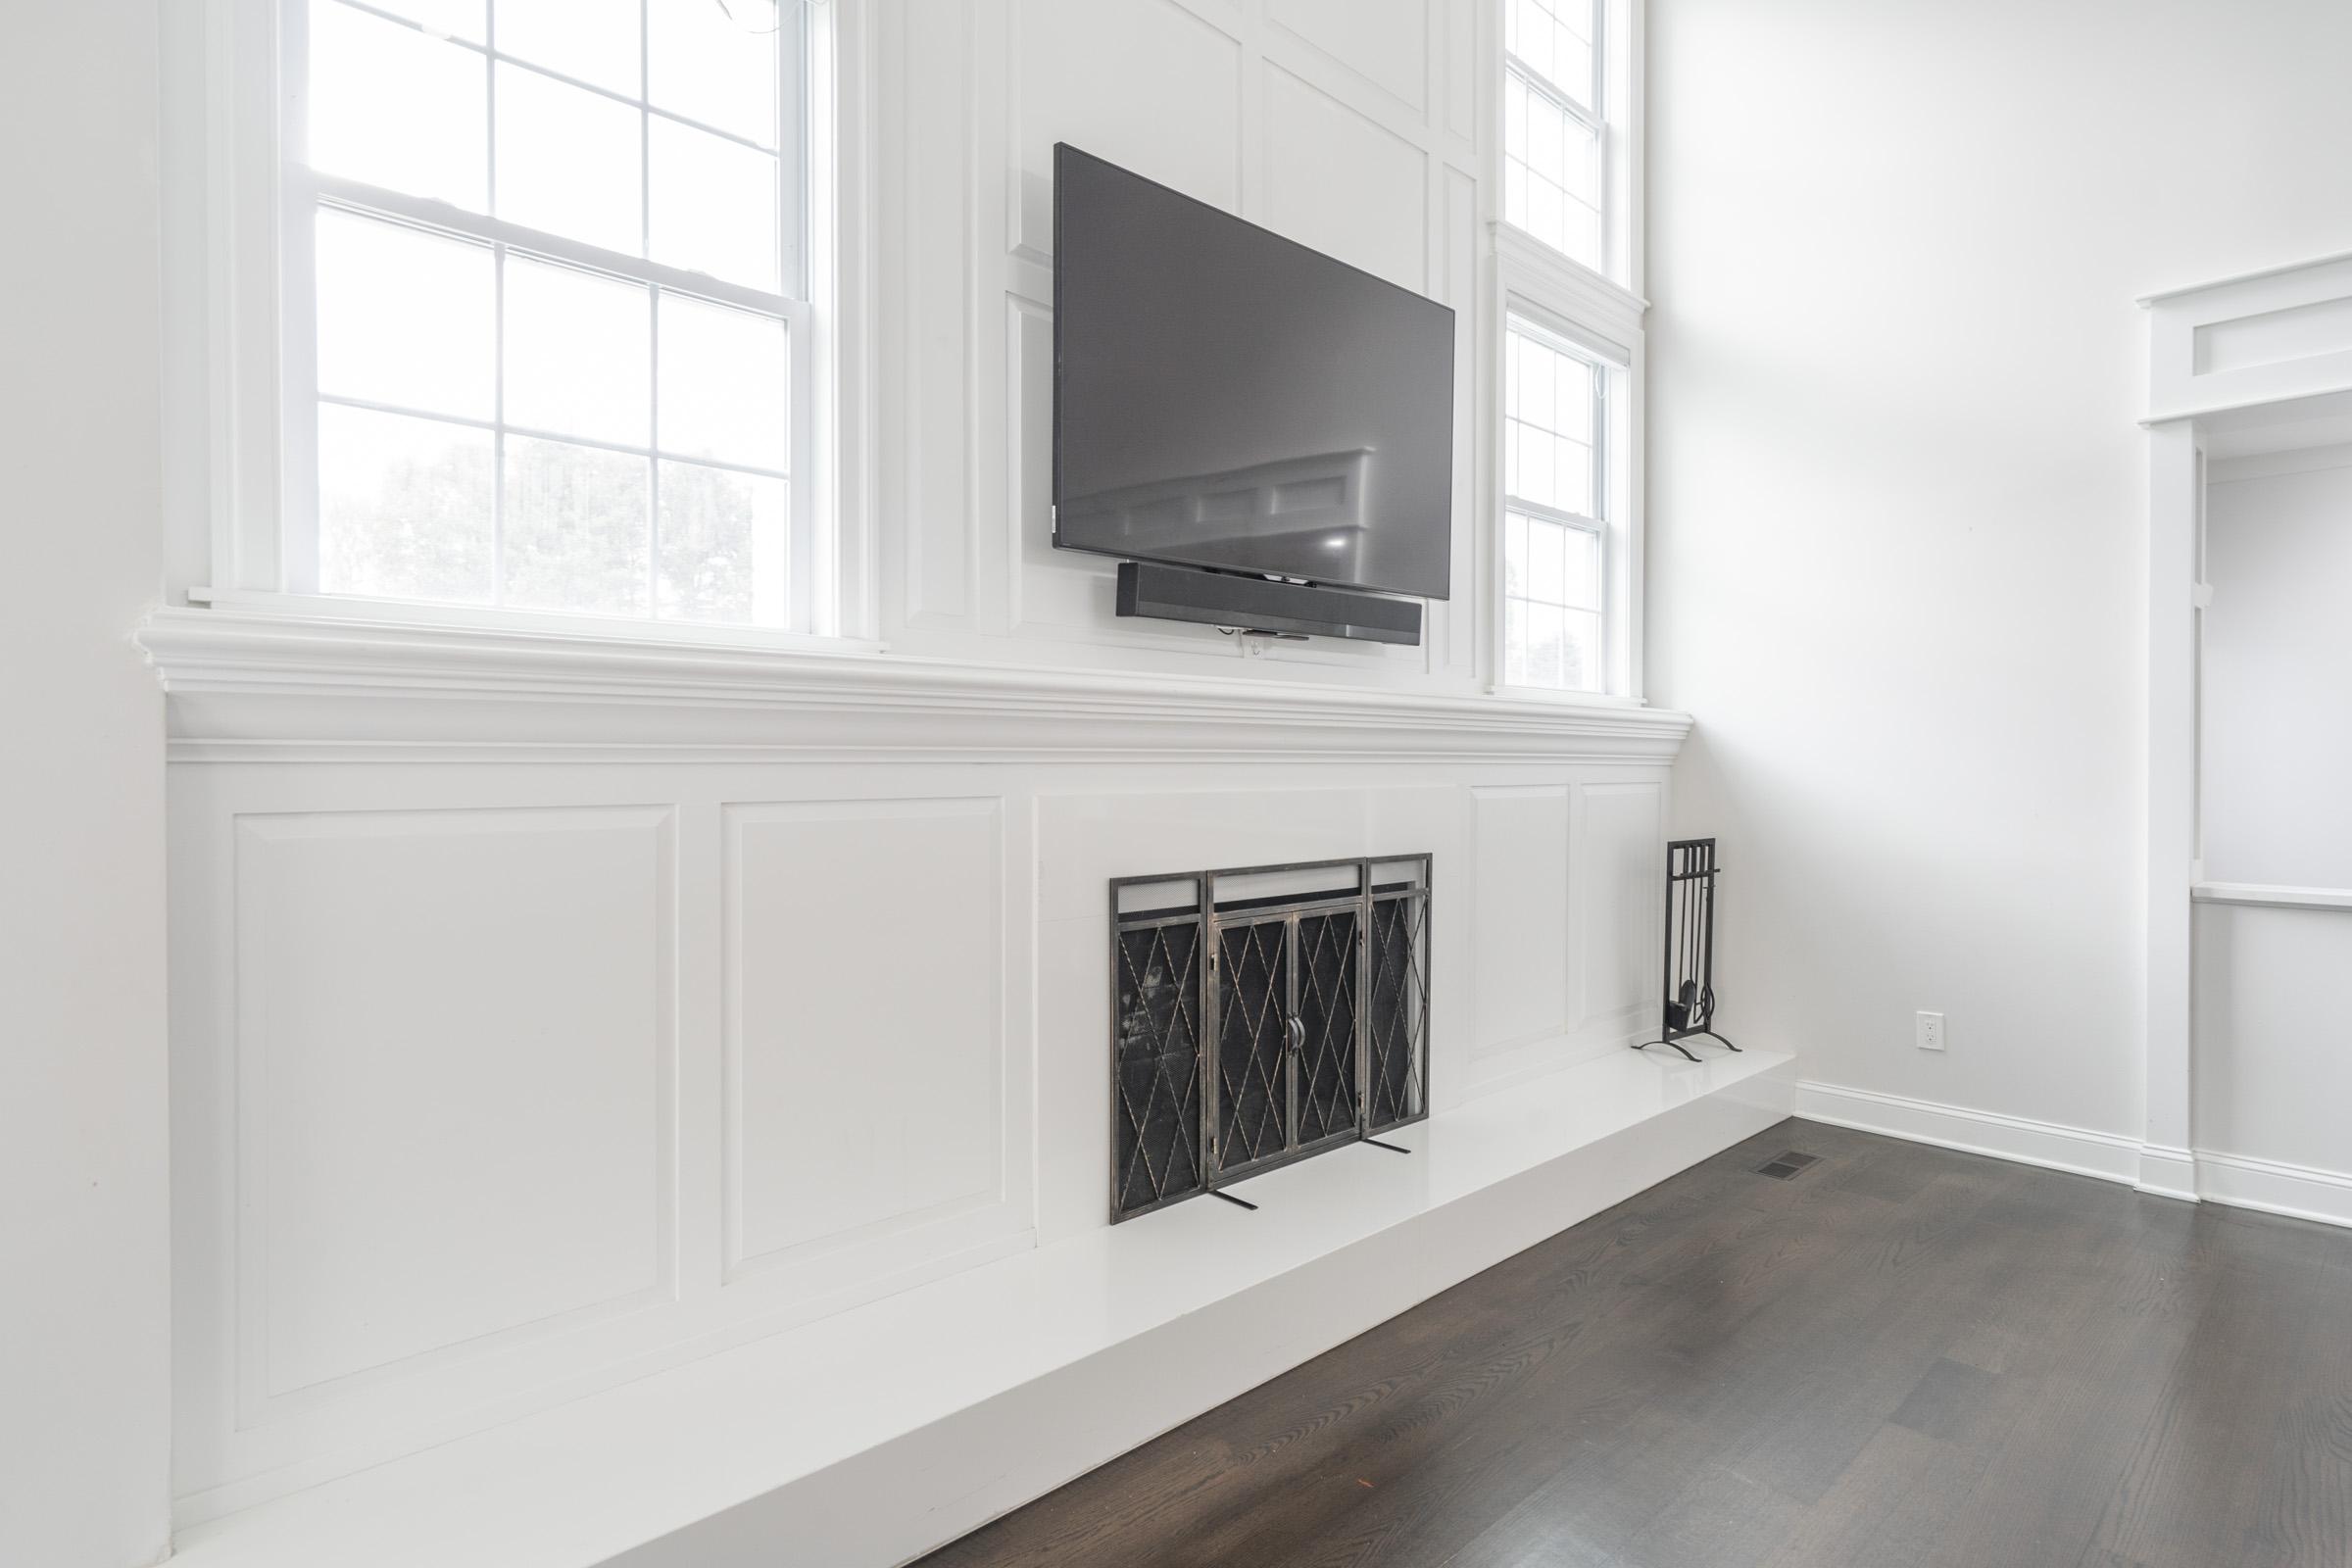 Fireplace - Quartz